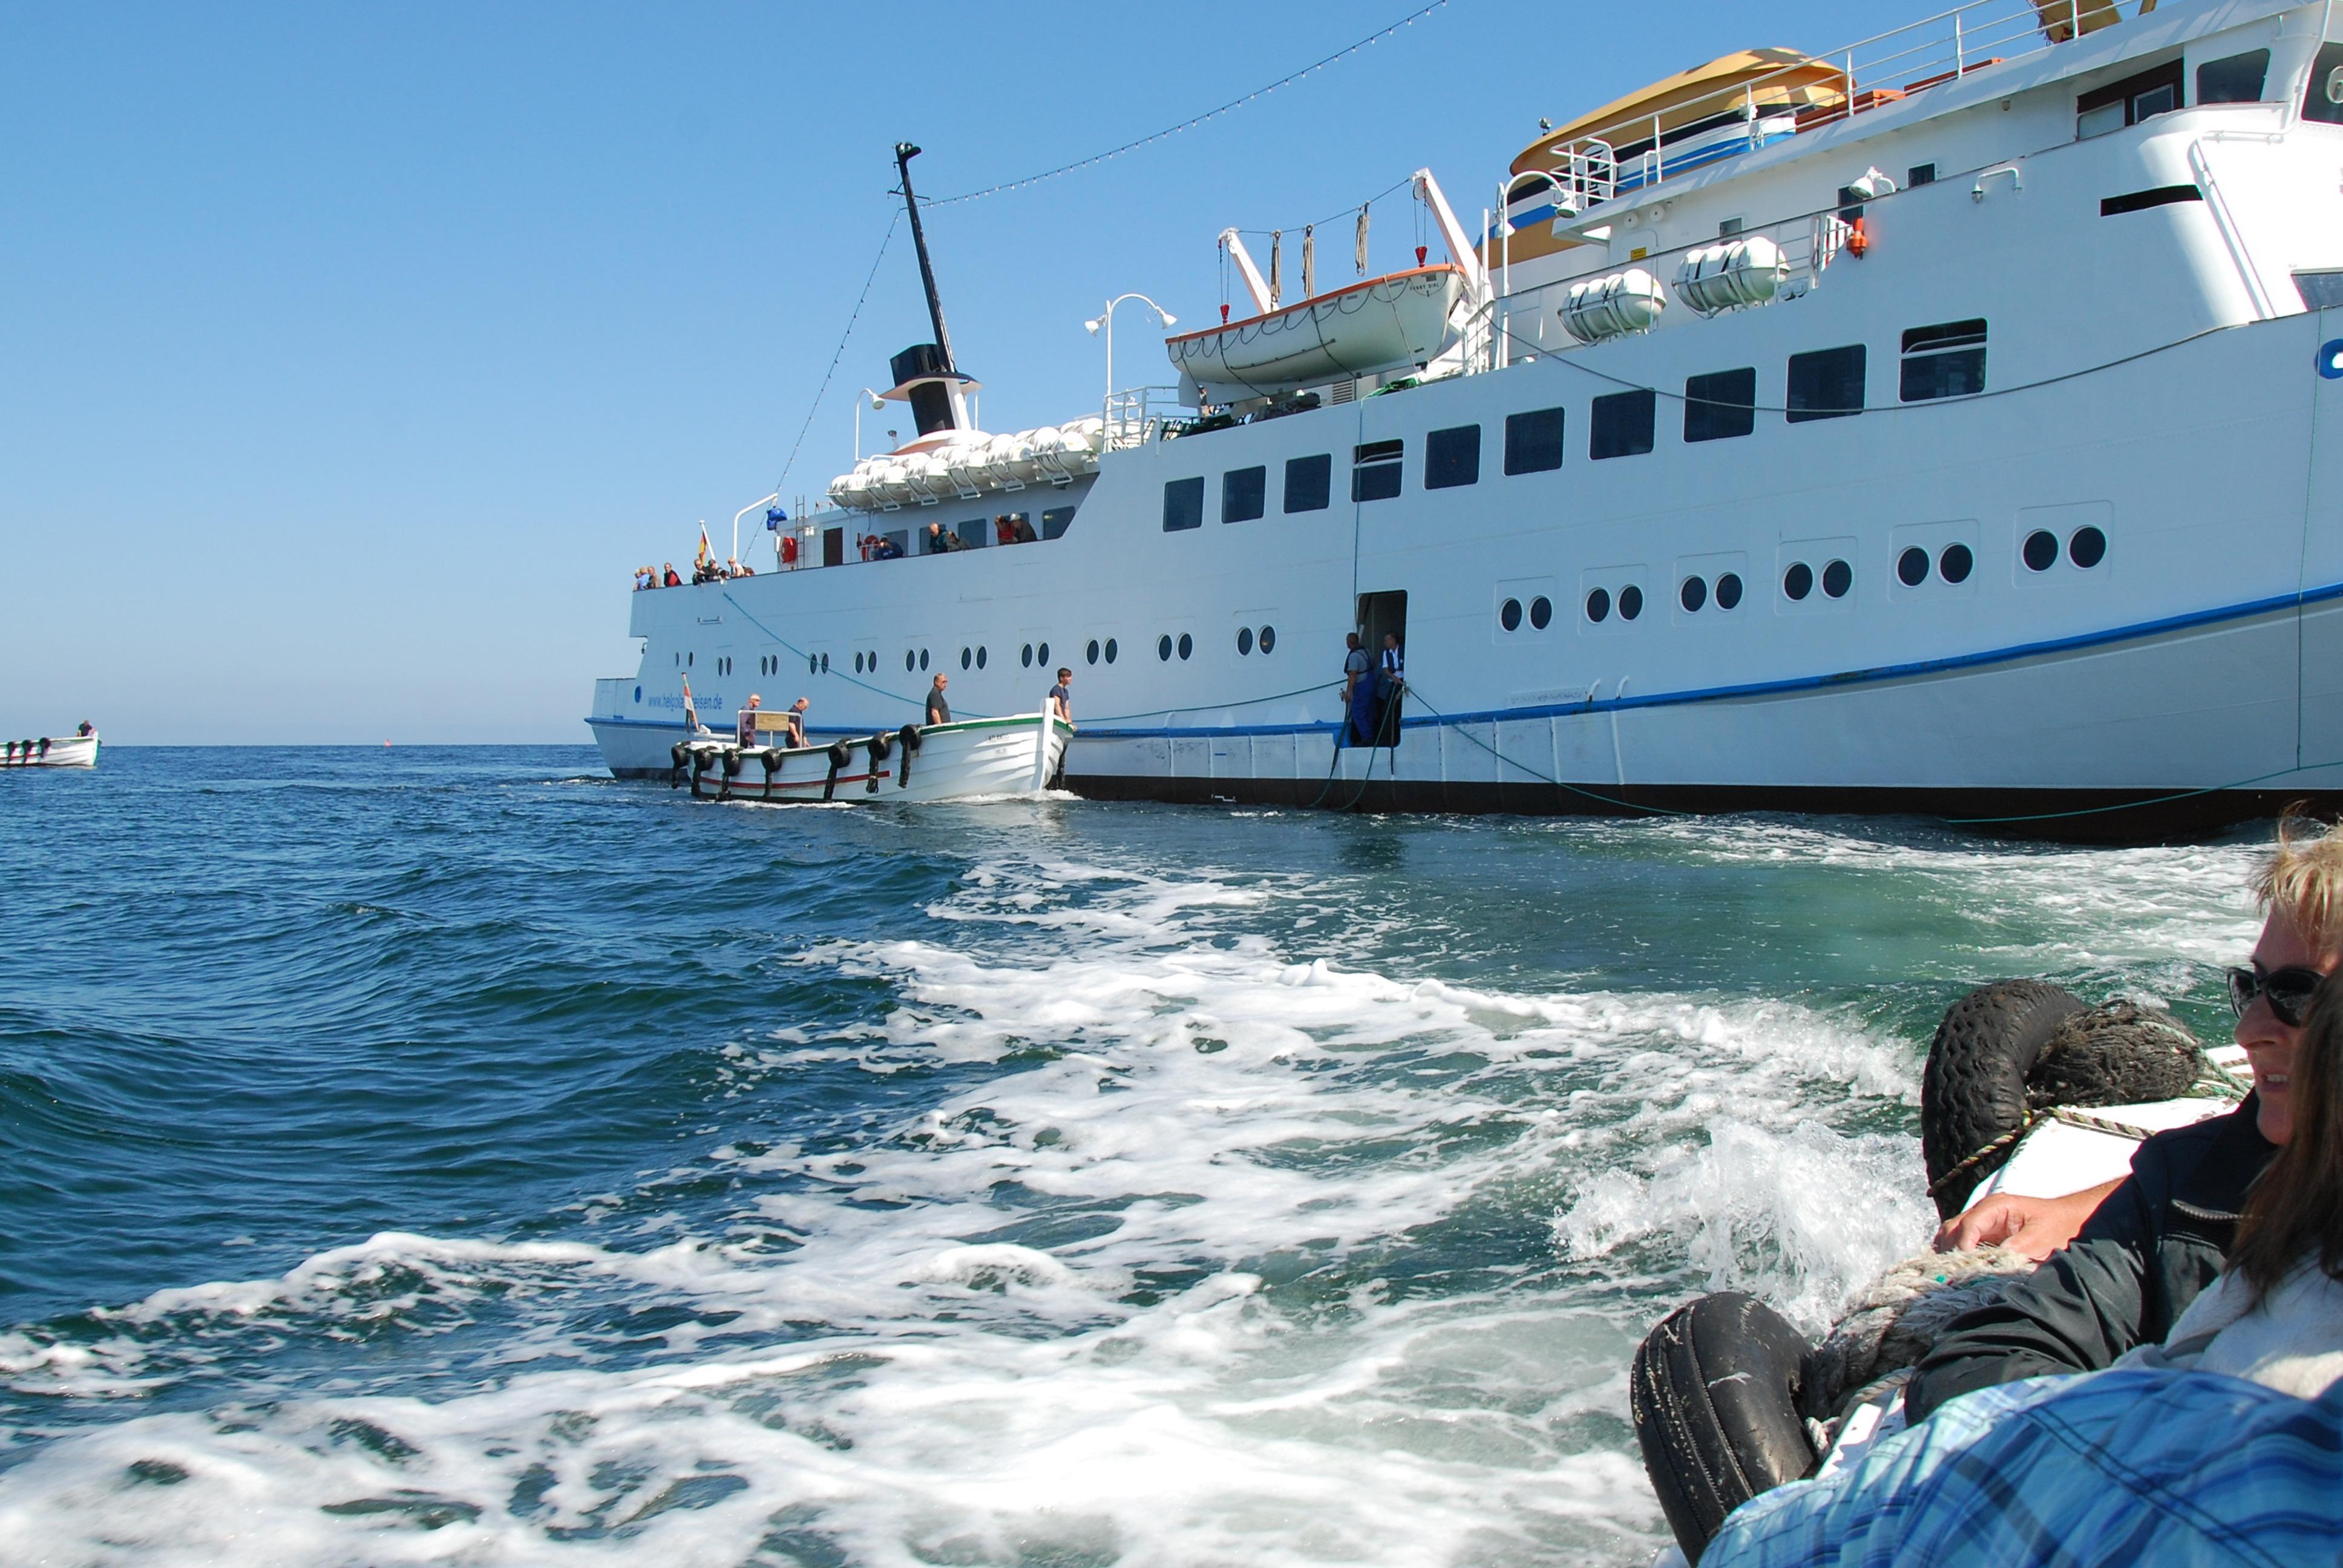 Når Börtebooten er fyldt med passagerer, sejles vi ind til landgangsbroen og næste börteboot kom til.